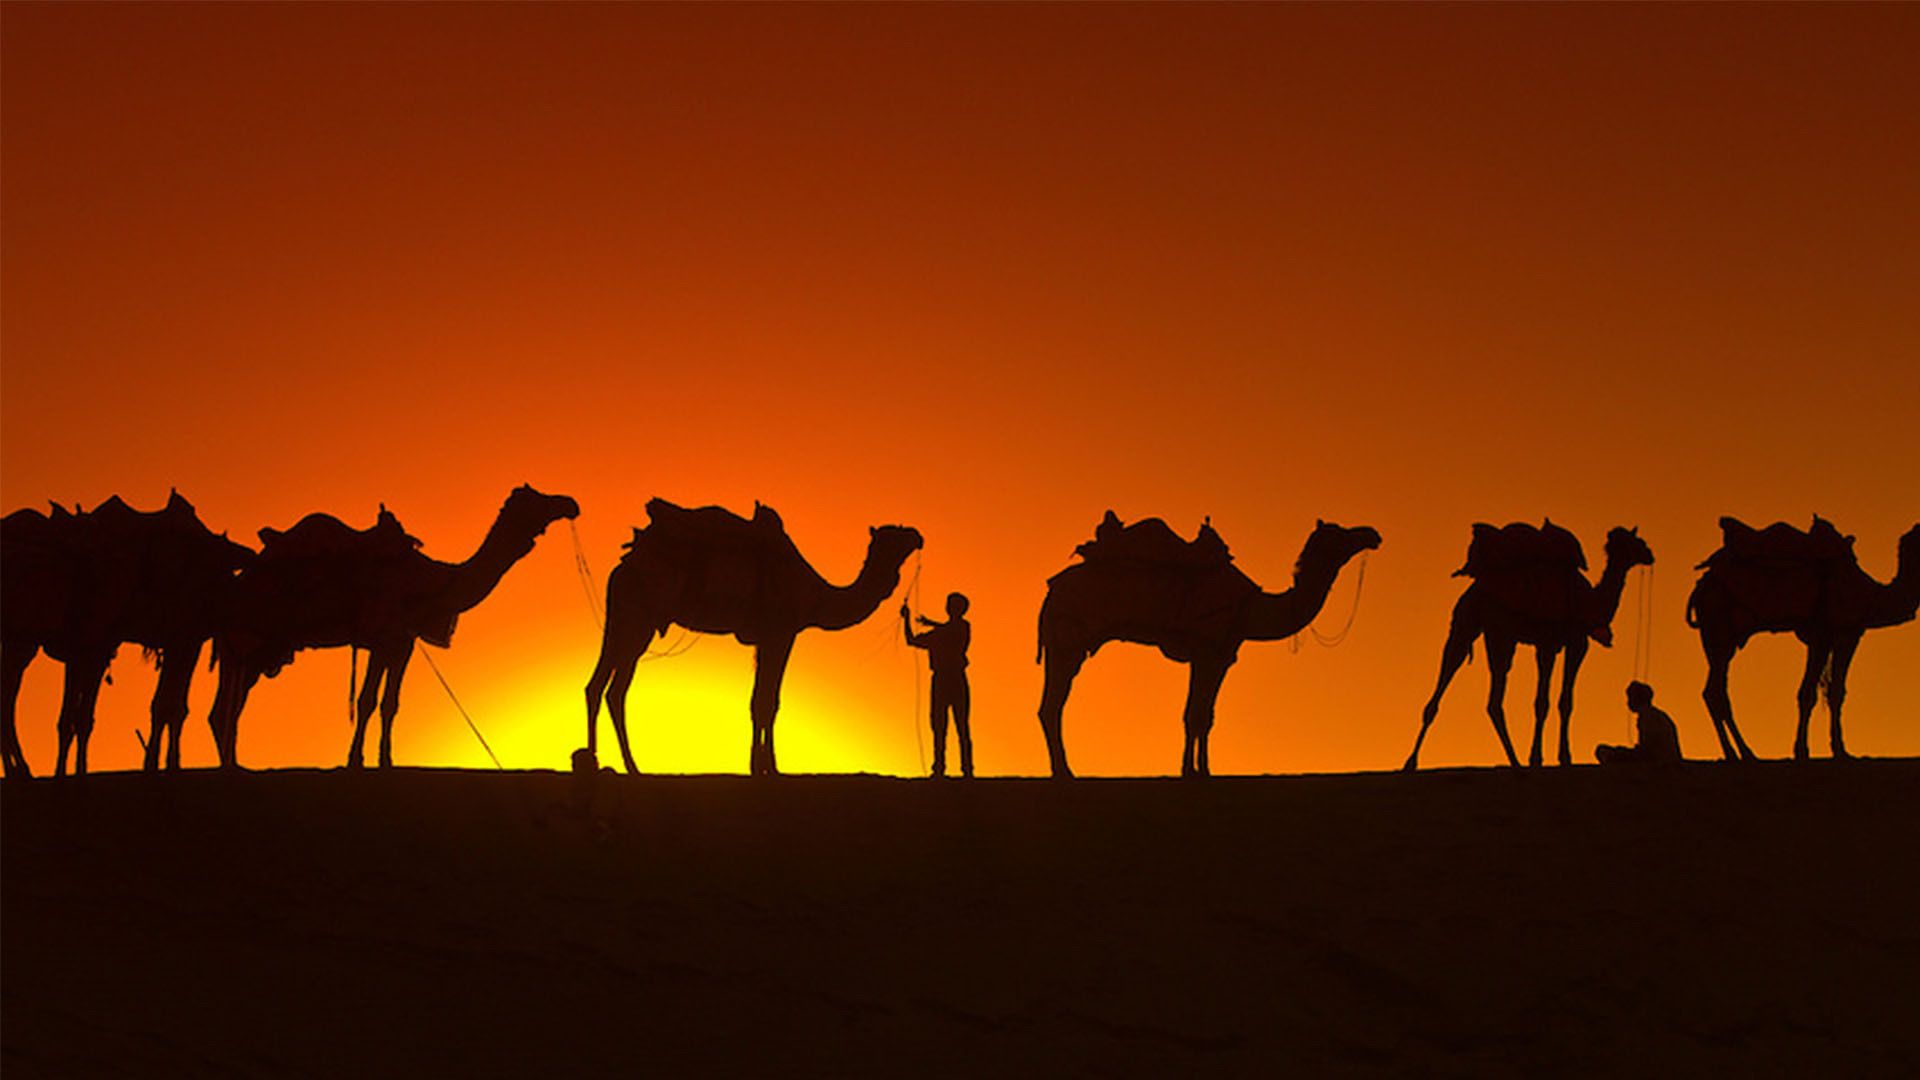 Camels Background